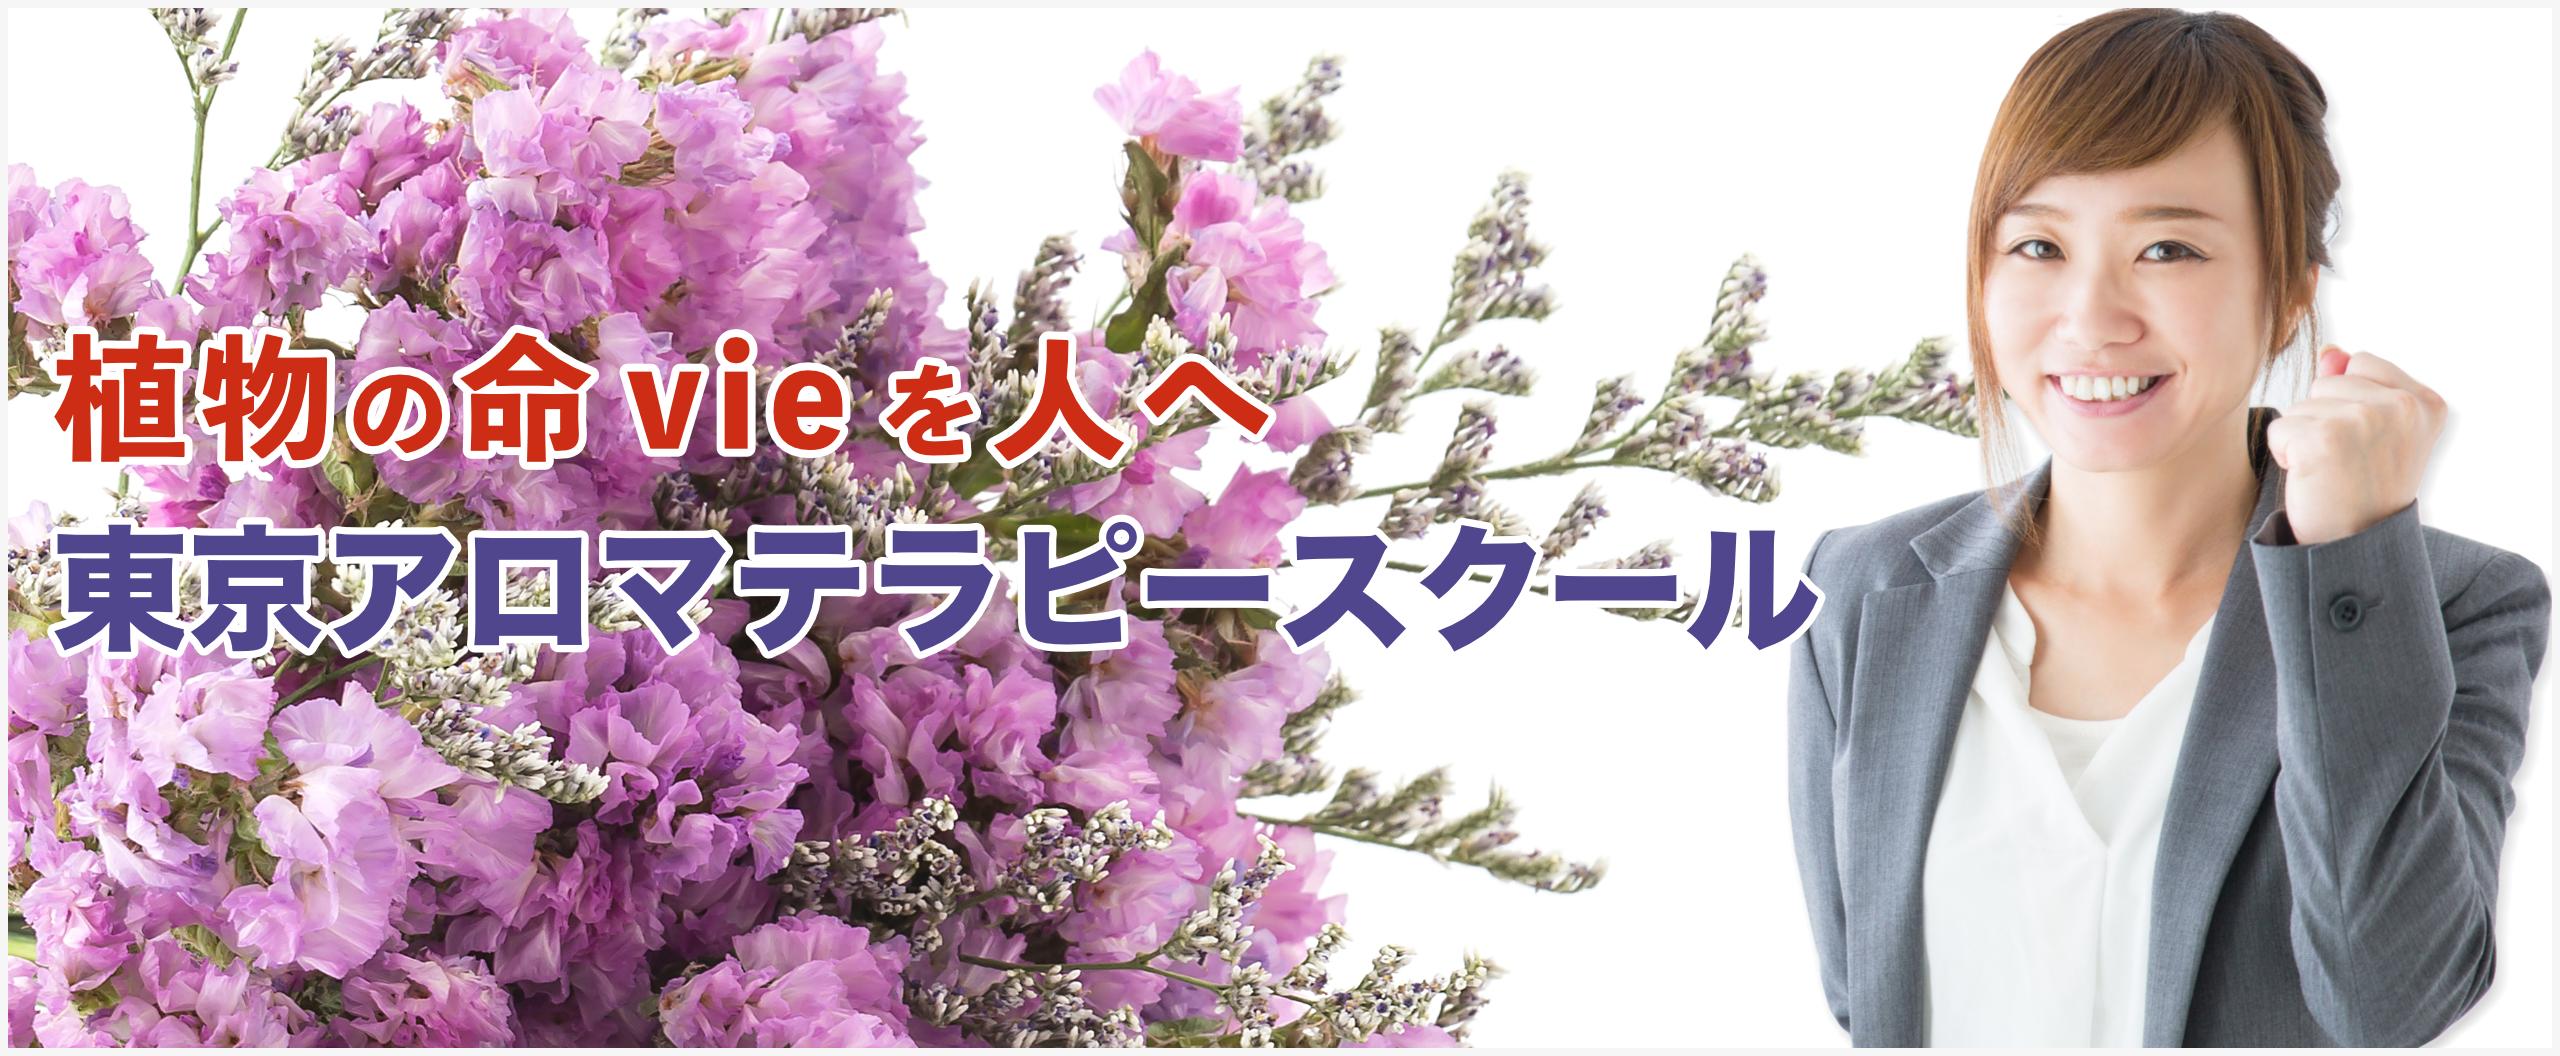 東京アロマテラピースクール&アラヴィーは精油卸売会社、(株)アロマアンドライフが母体のスクール&サロンです